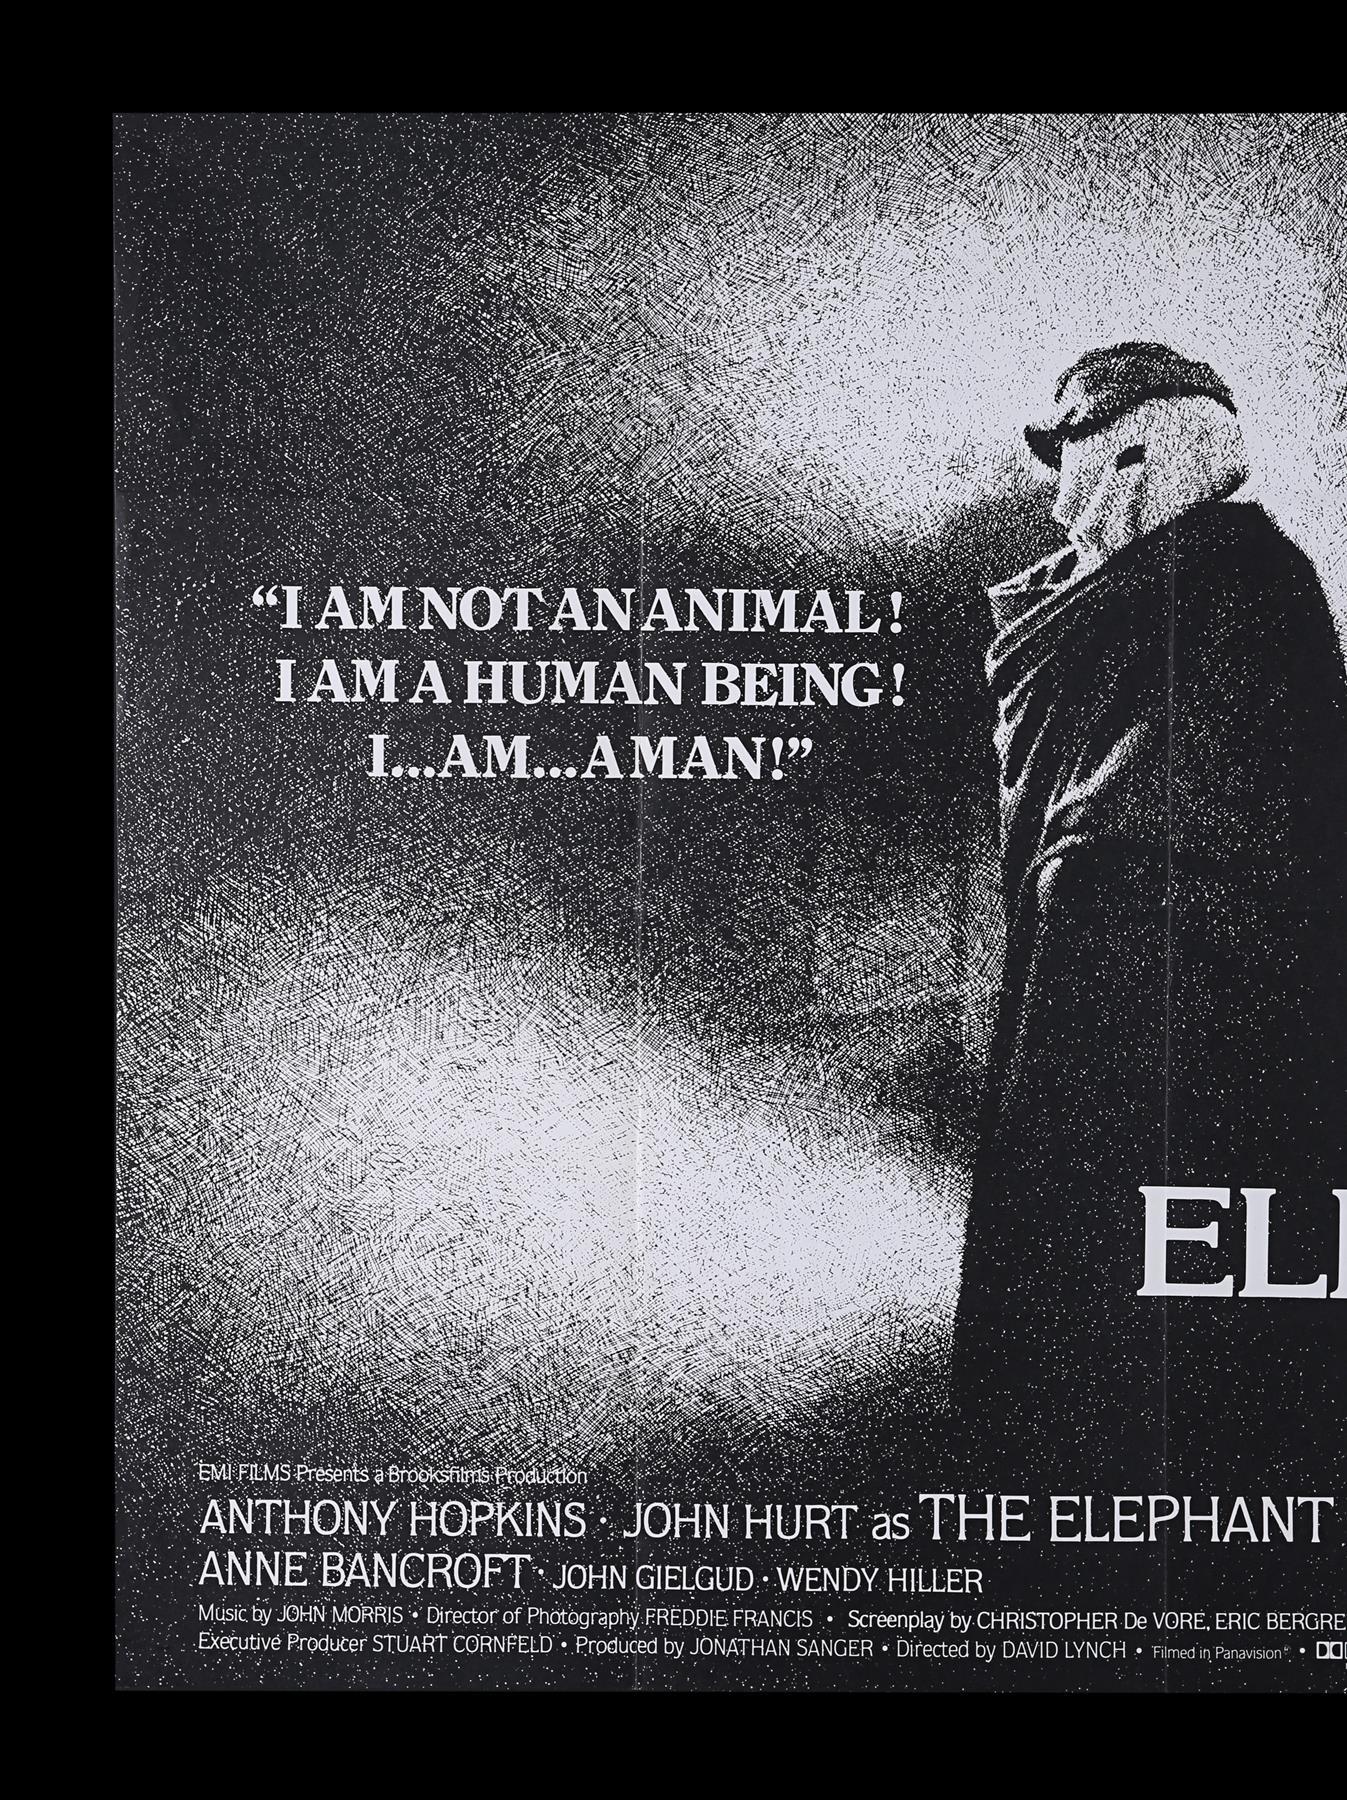 ELEPHANT MAN (1980) - UK Quad, 1980 - Image 2 of 5